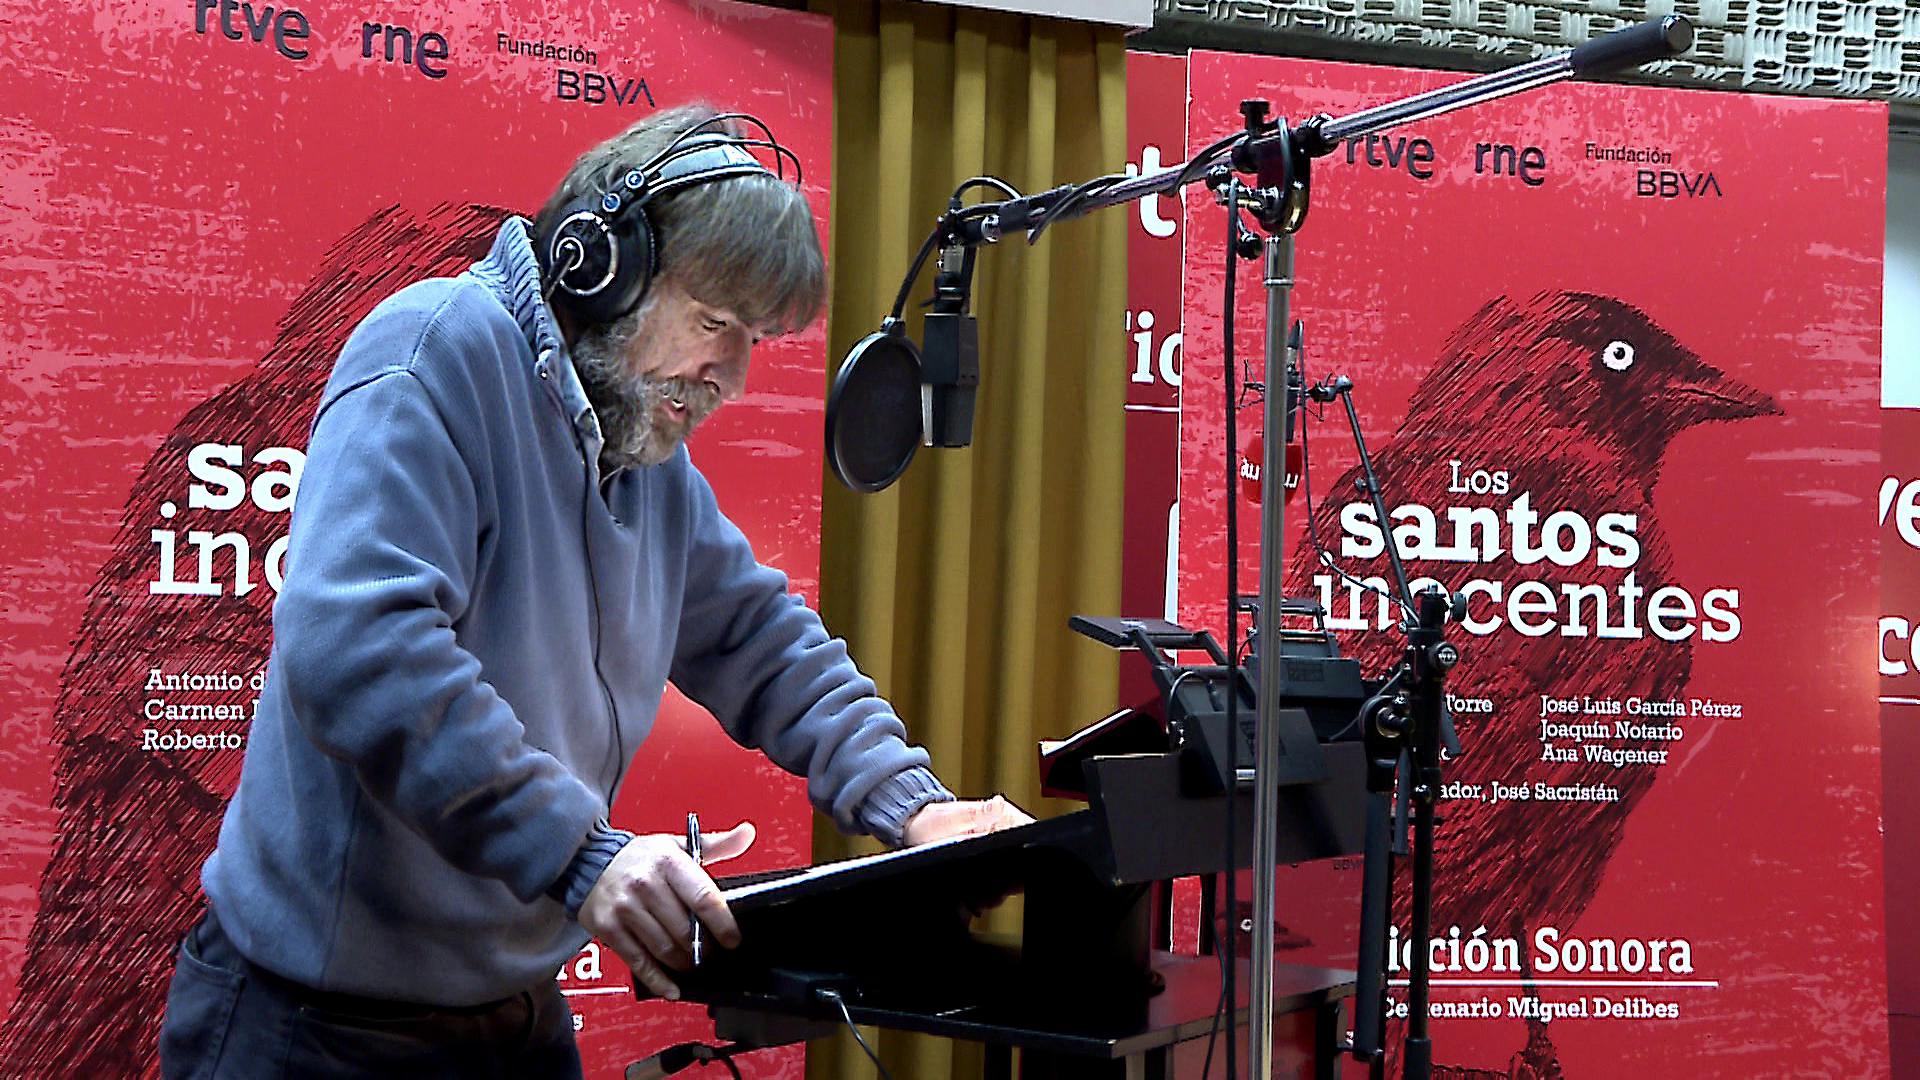 RNE presenta la fición sonora 'Los santos inocentes'